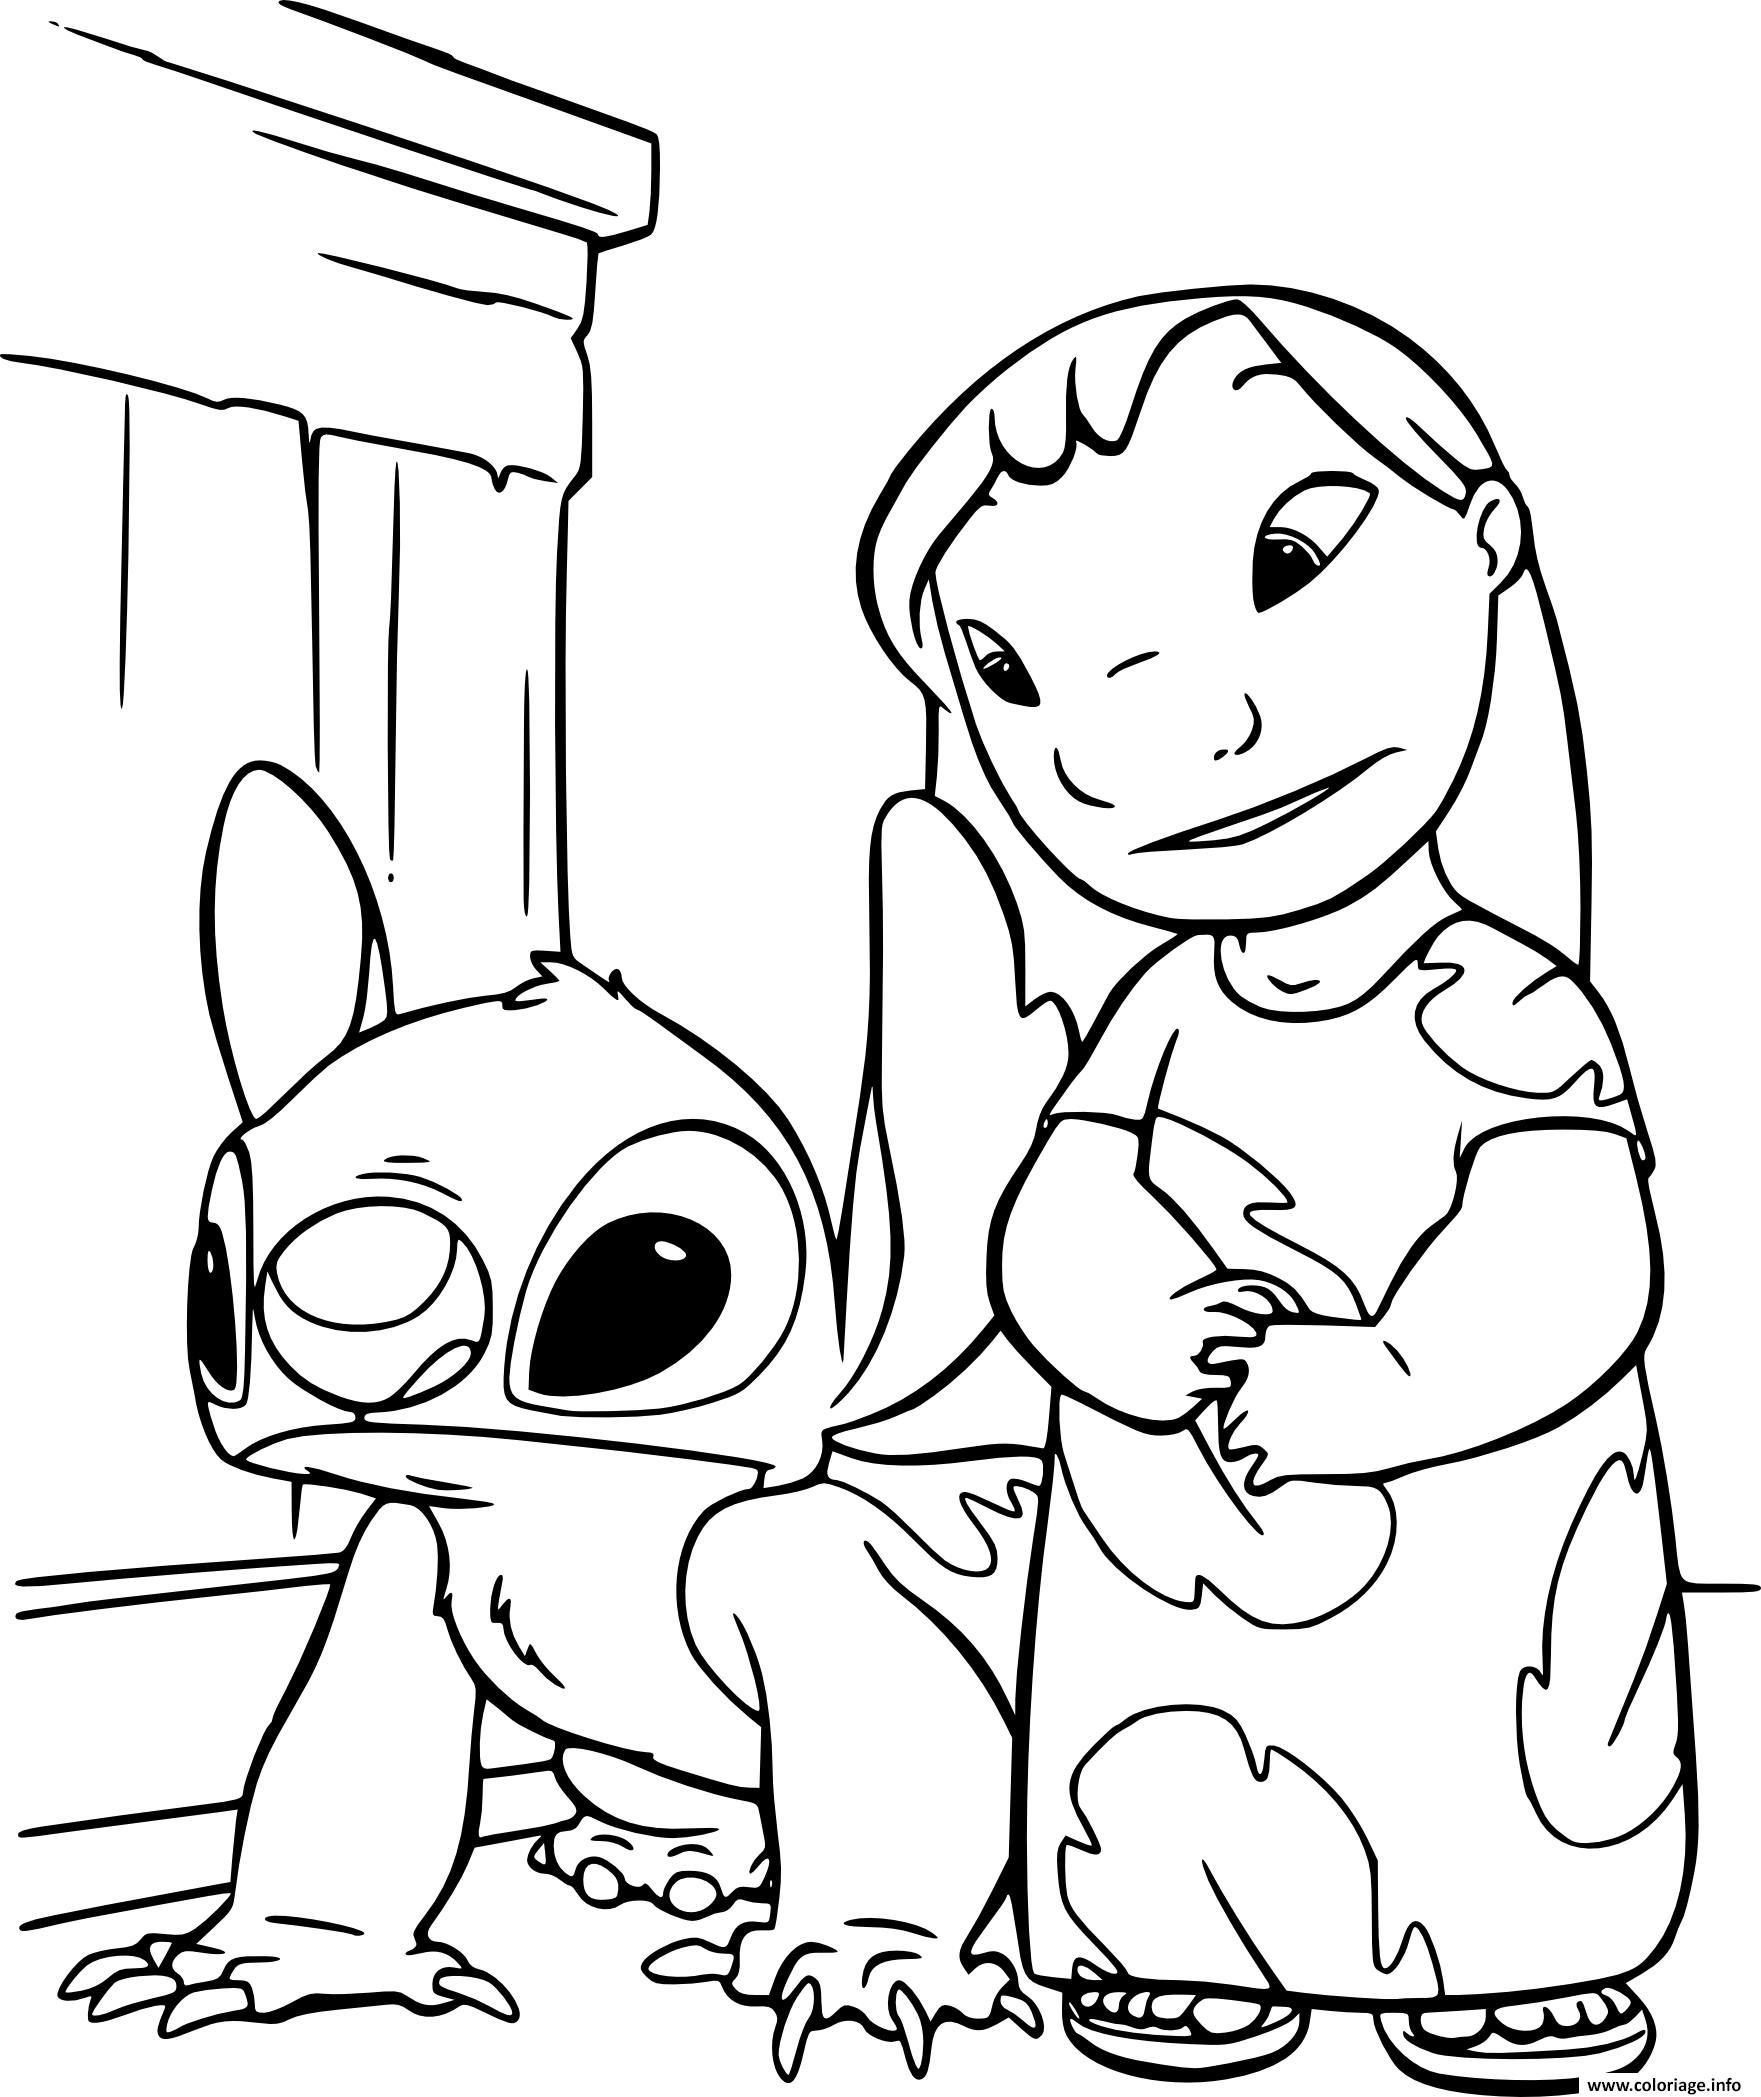 Coloriage Lilo Et Stitch Extraterrestre De Couleur Bleue Dessin Disney Walt A Imprimer